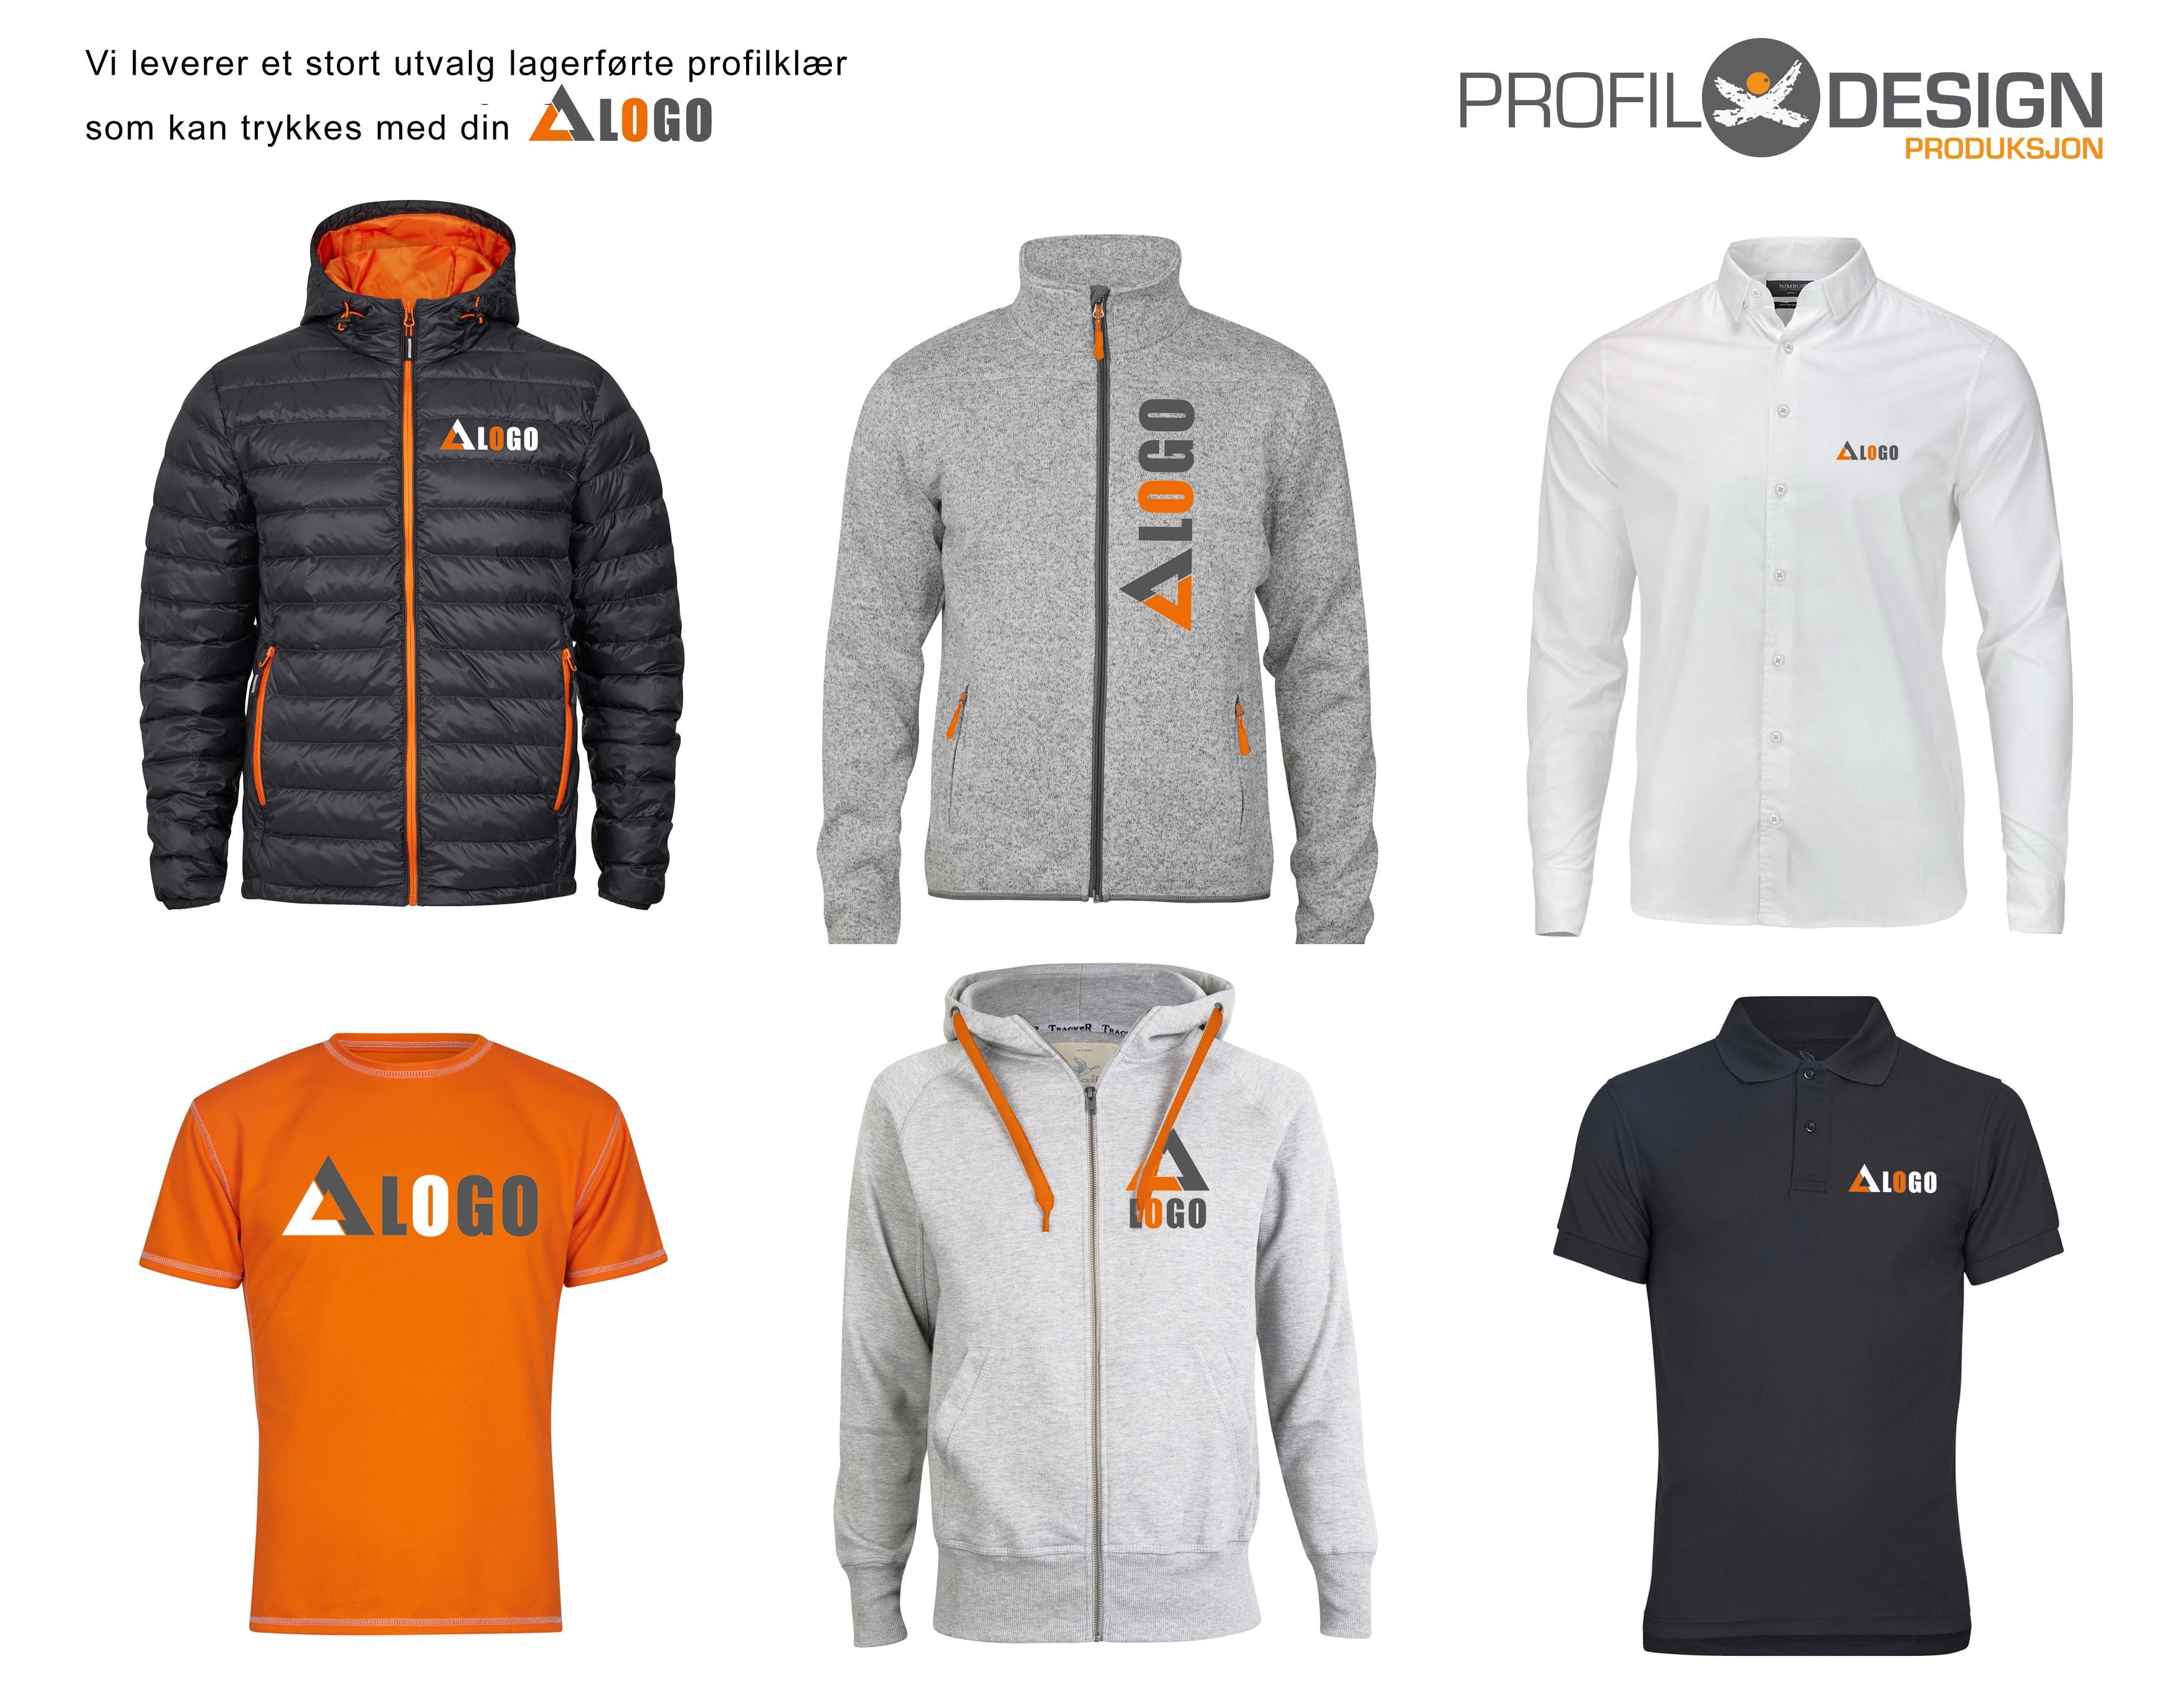 3553ff21 Vi leverer et stort utvalg profilklær som kan trykkes med din logo/ditt  motiv. Be om tilbud.